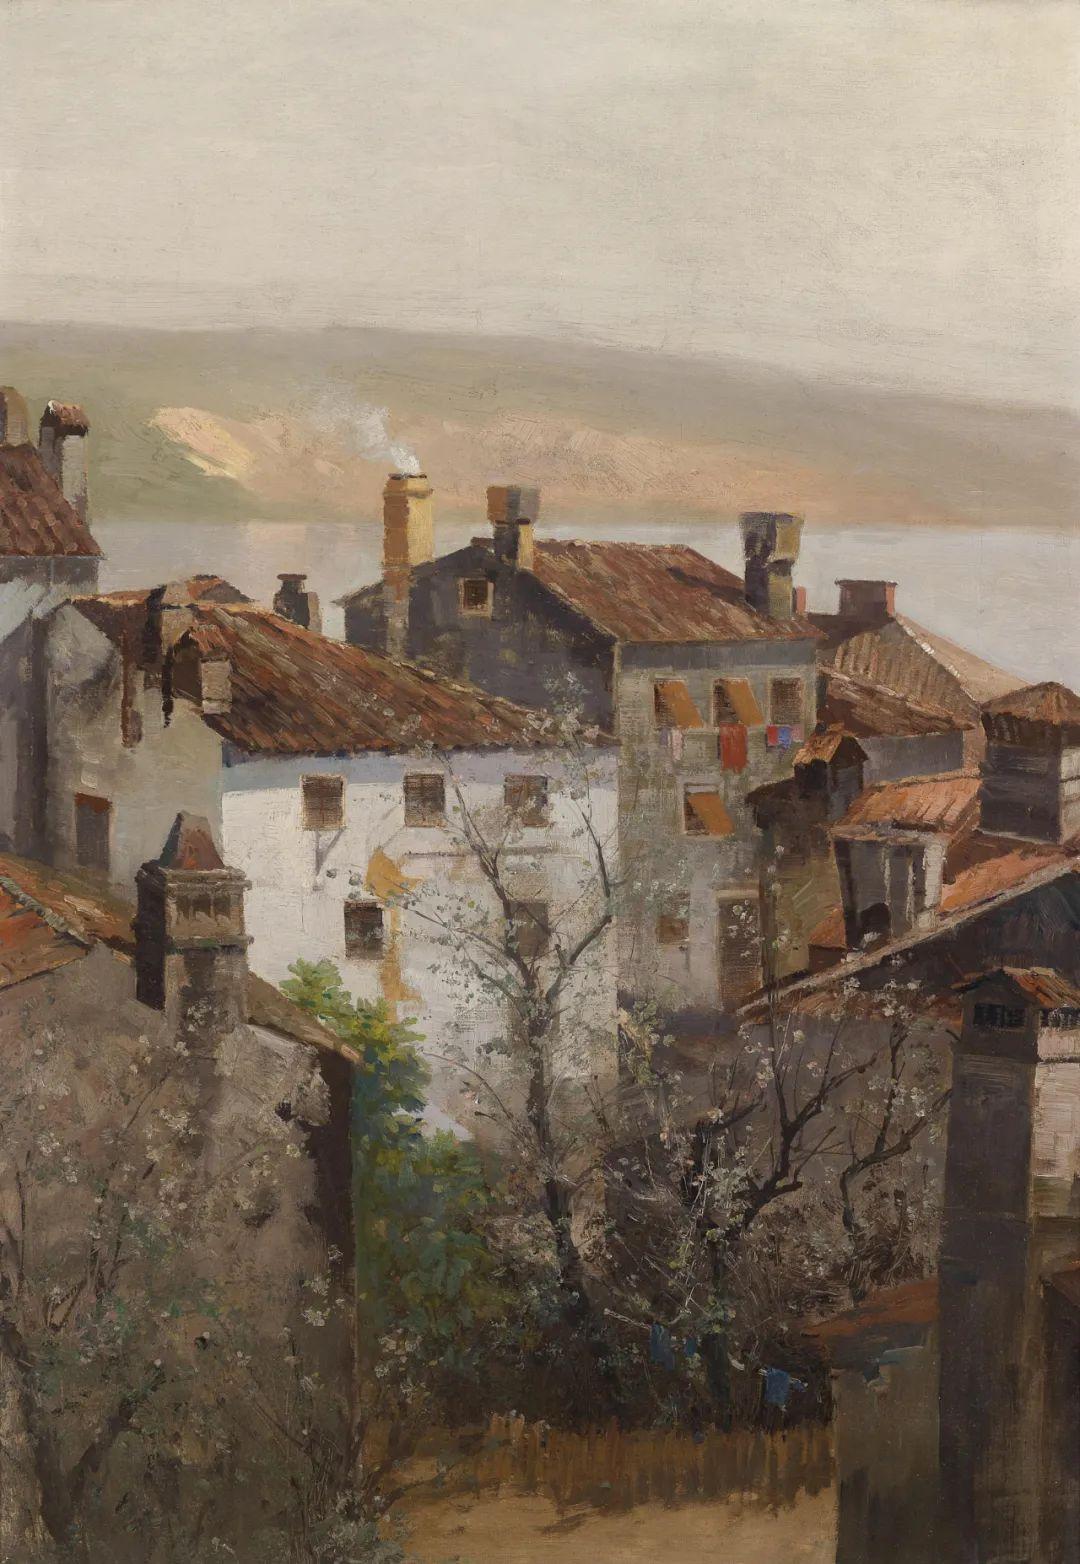 风景油画丨奥地利画家阿道夫·考夫曼的精美风景画插图27